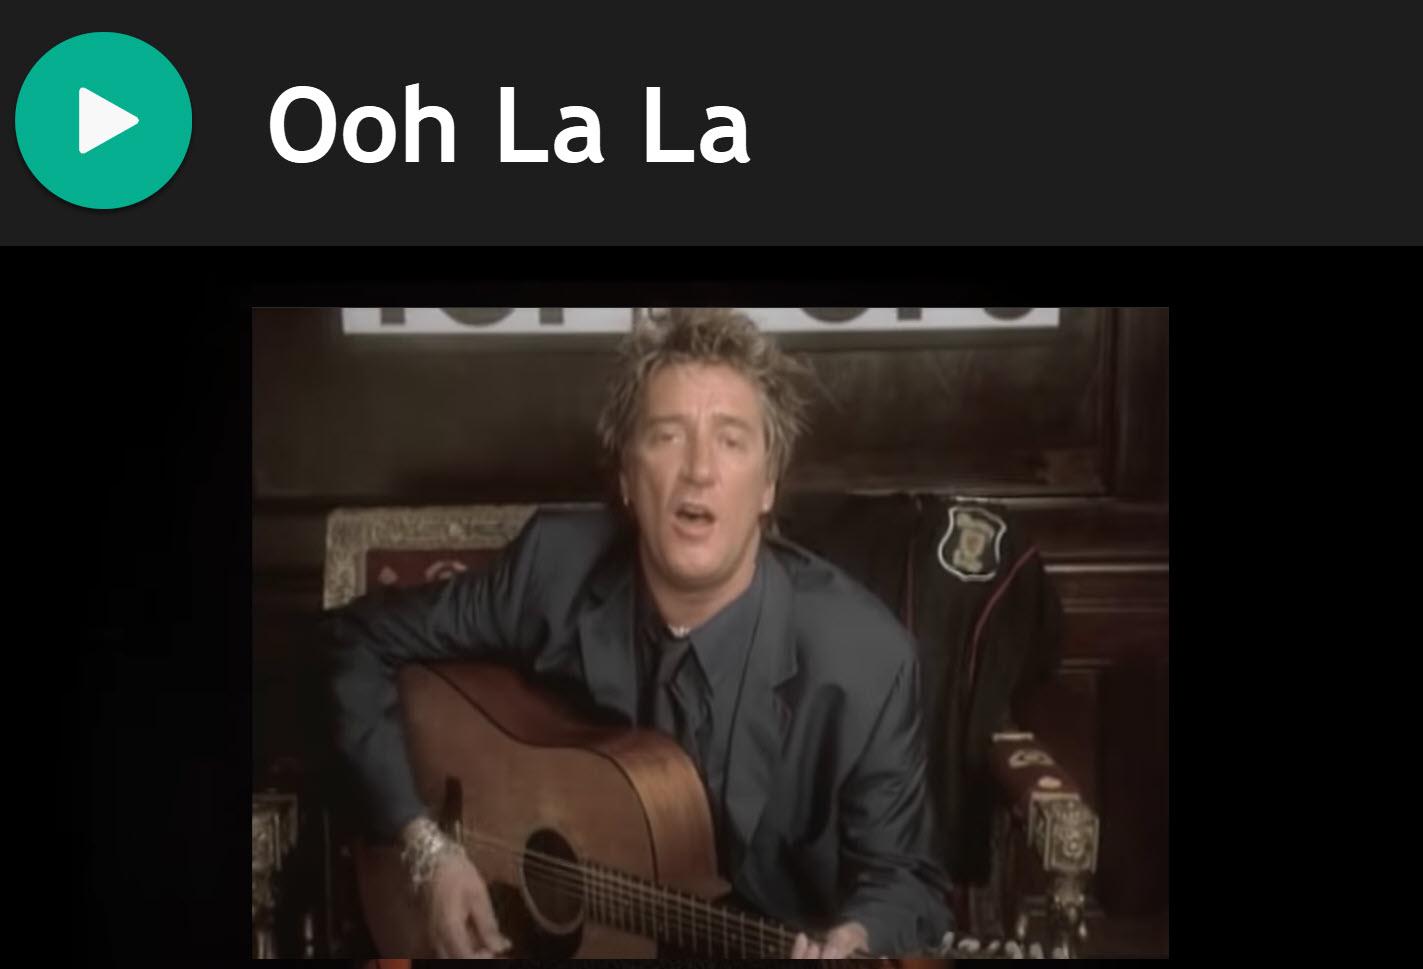 Ooh La La by Rod Stewart for Smallpipes